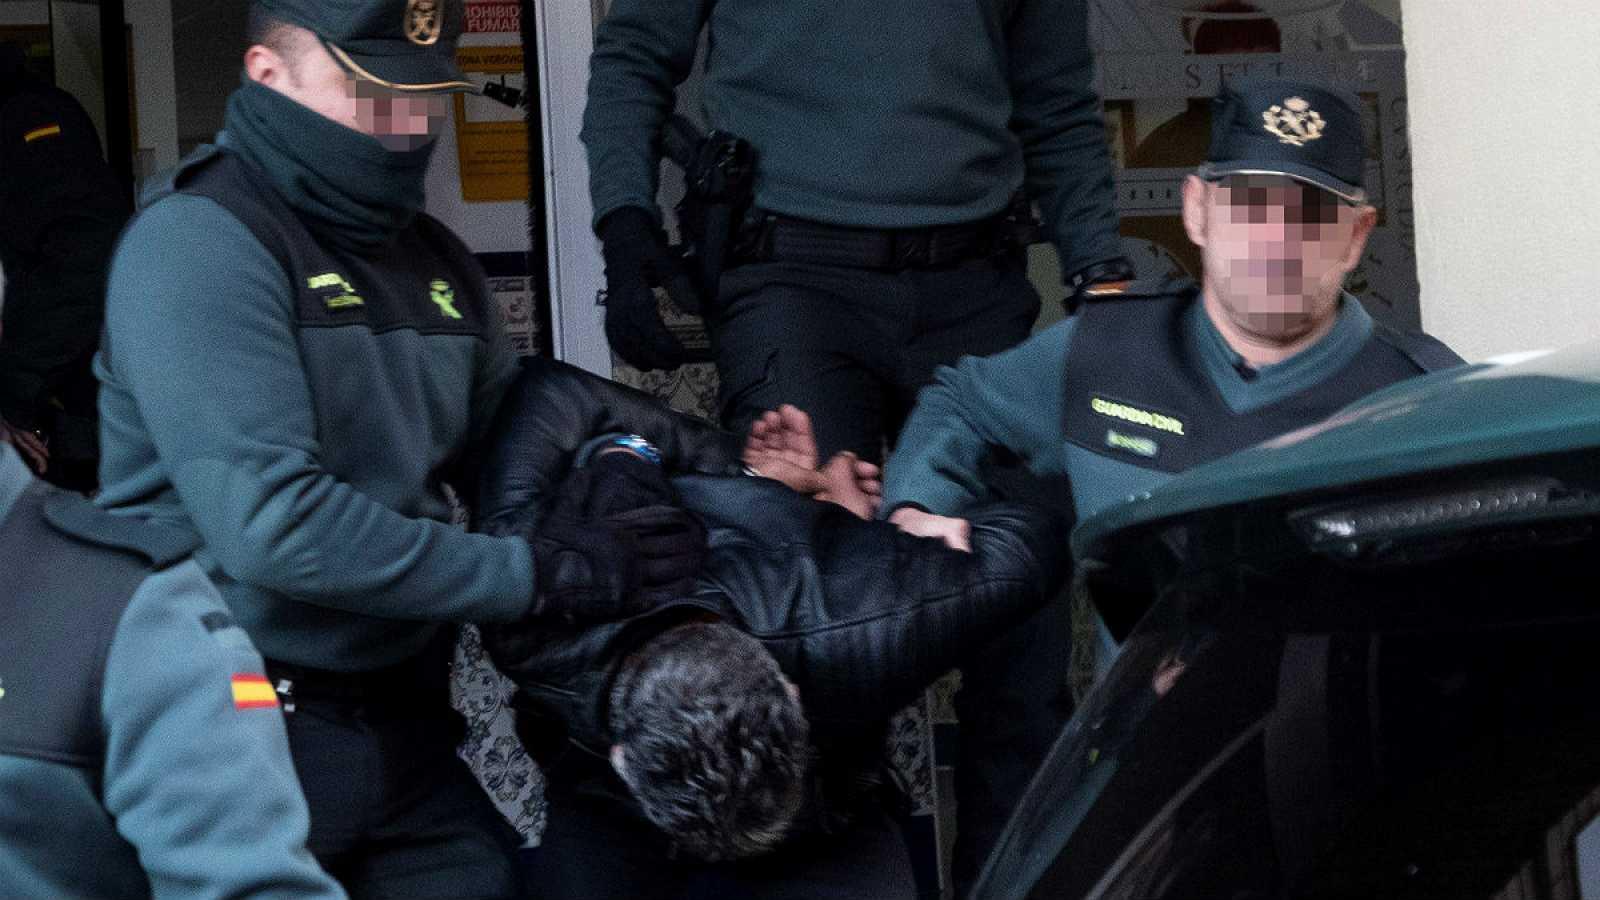 14 horas - La familia de Laura Luelmo pedirá prisión permanente revisable para su asesino - Escuchar ahora